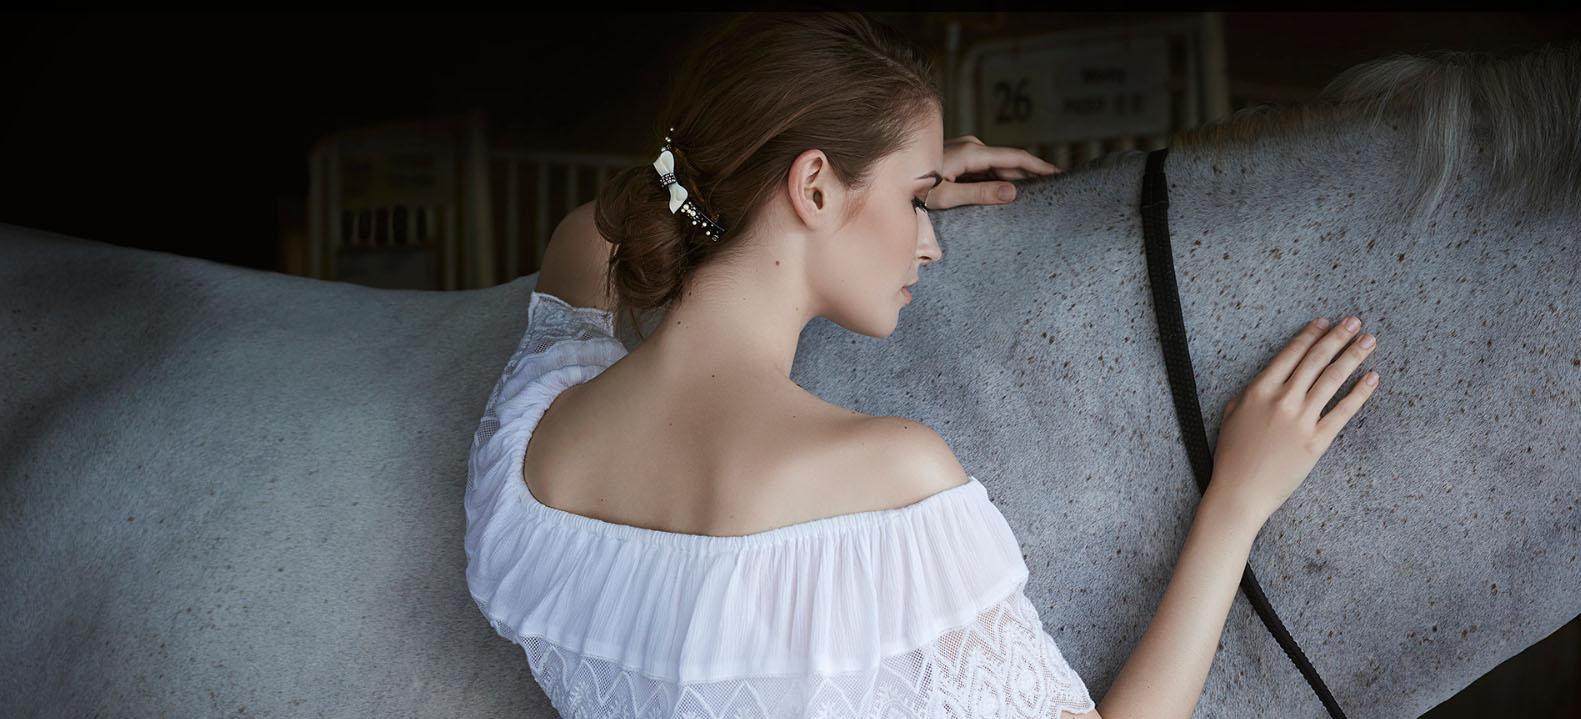 Alexandre de Paris hair accessories online